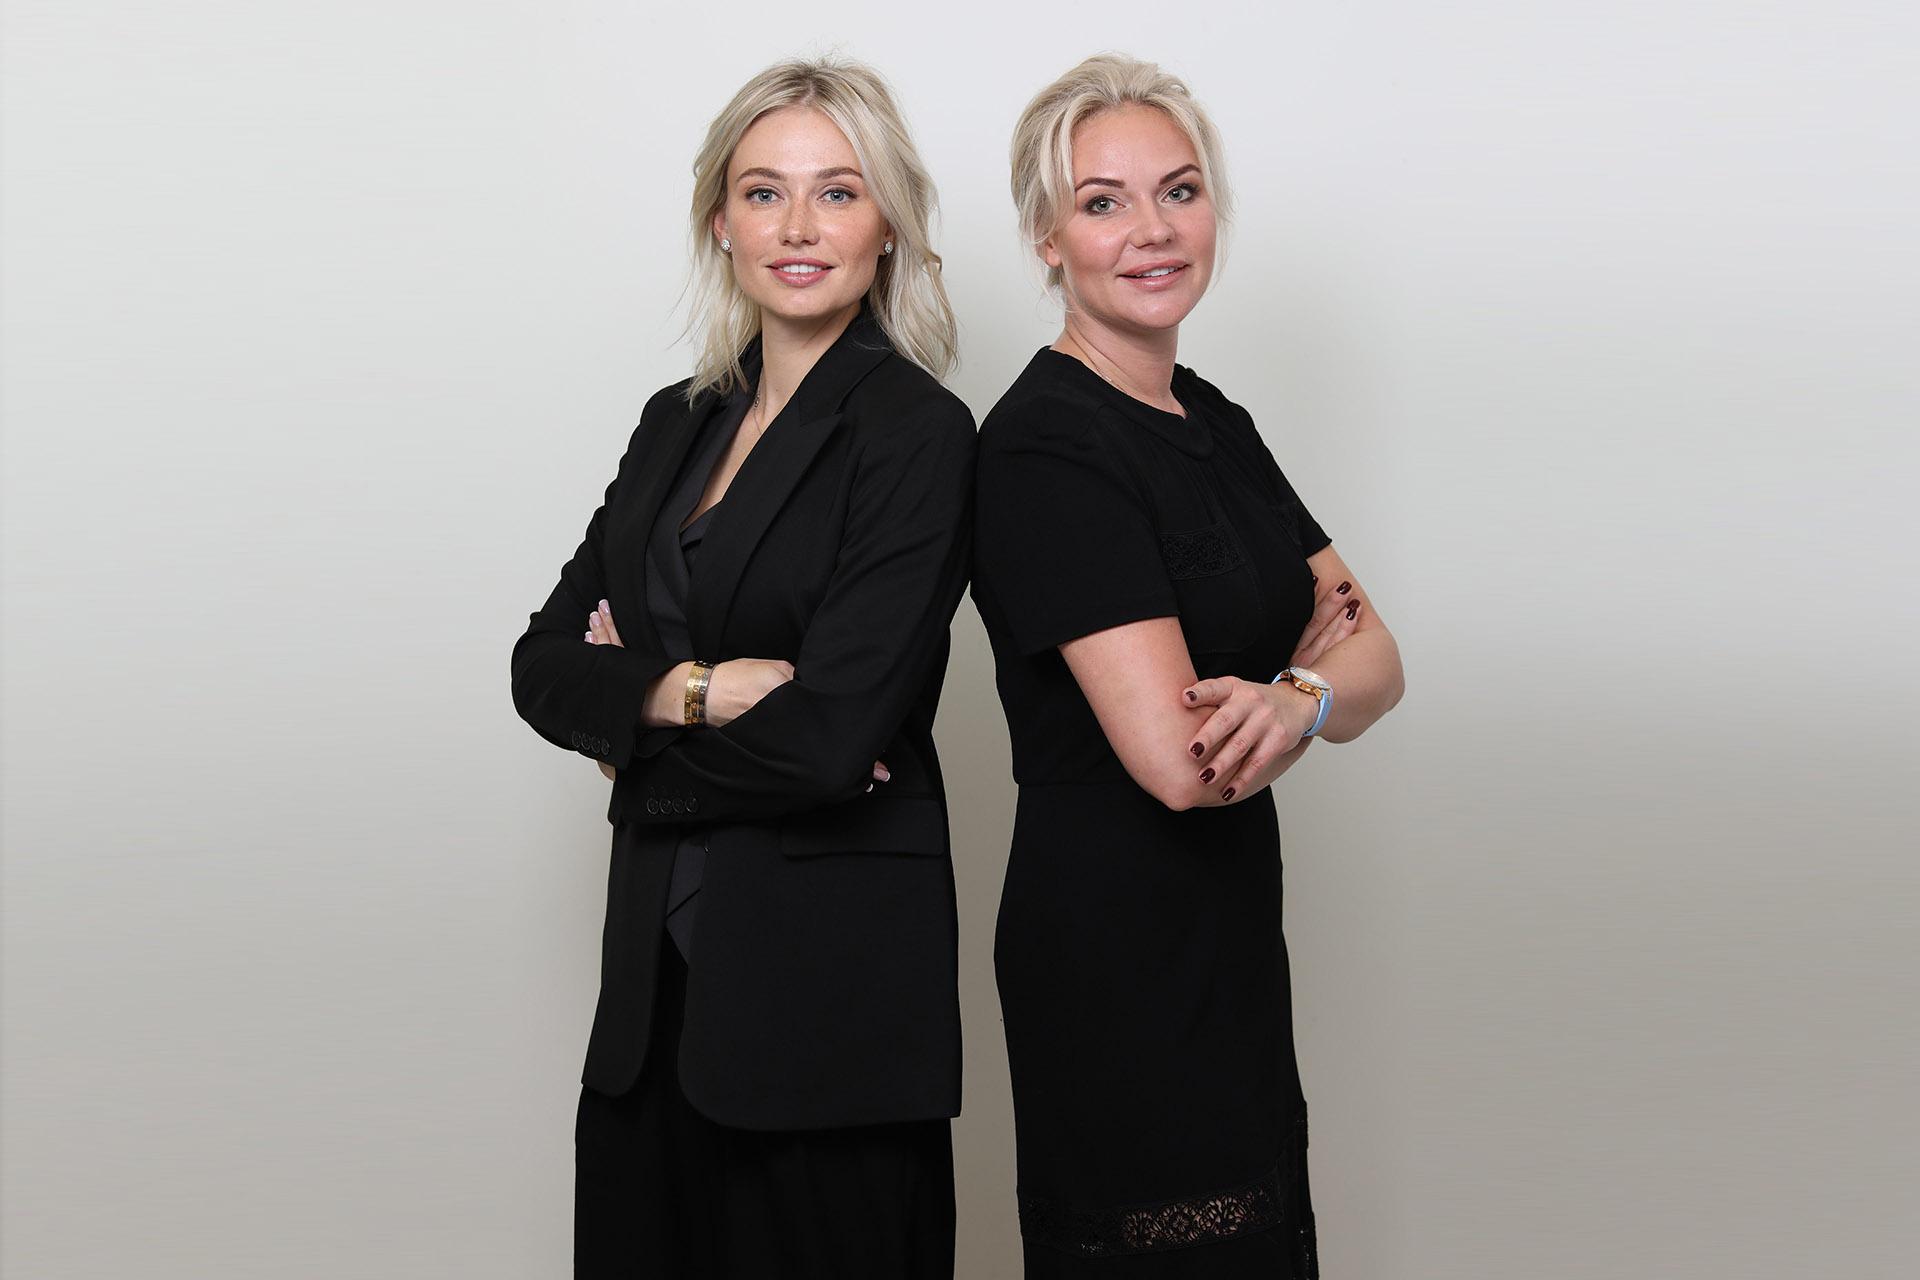 Виктория Боева и Татьяна Амарян — основательницы сети частных английских детских садов и клубов Preschool Discovery